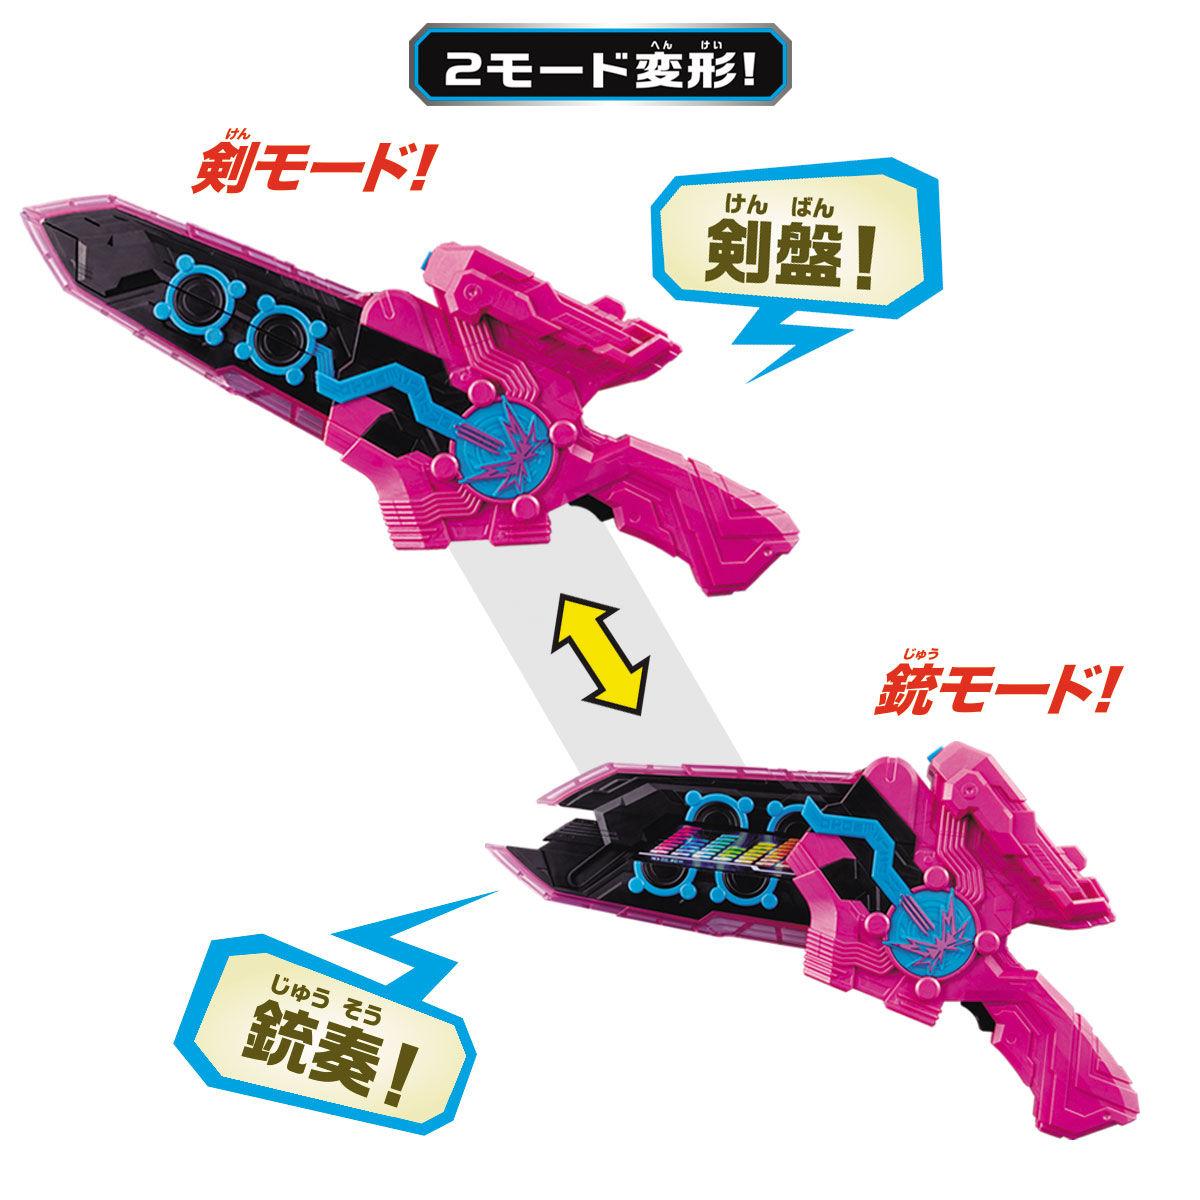 変身聖剣『DX音銃剣錫音』仮面ライダースラッシュ 変身なりきり-008